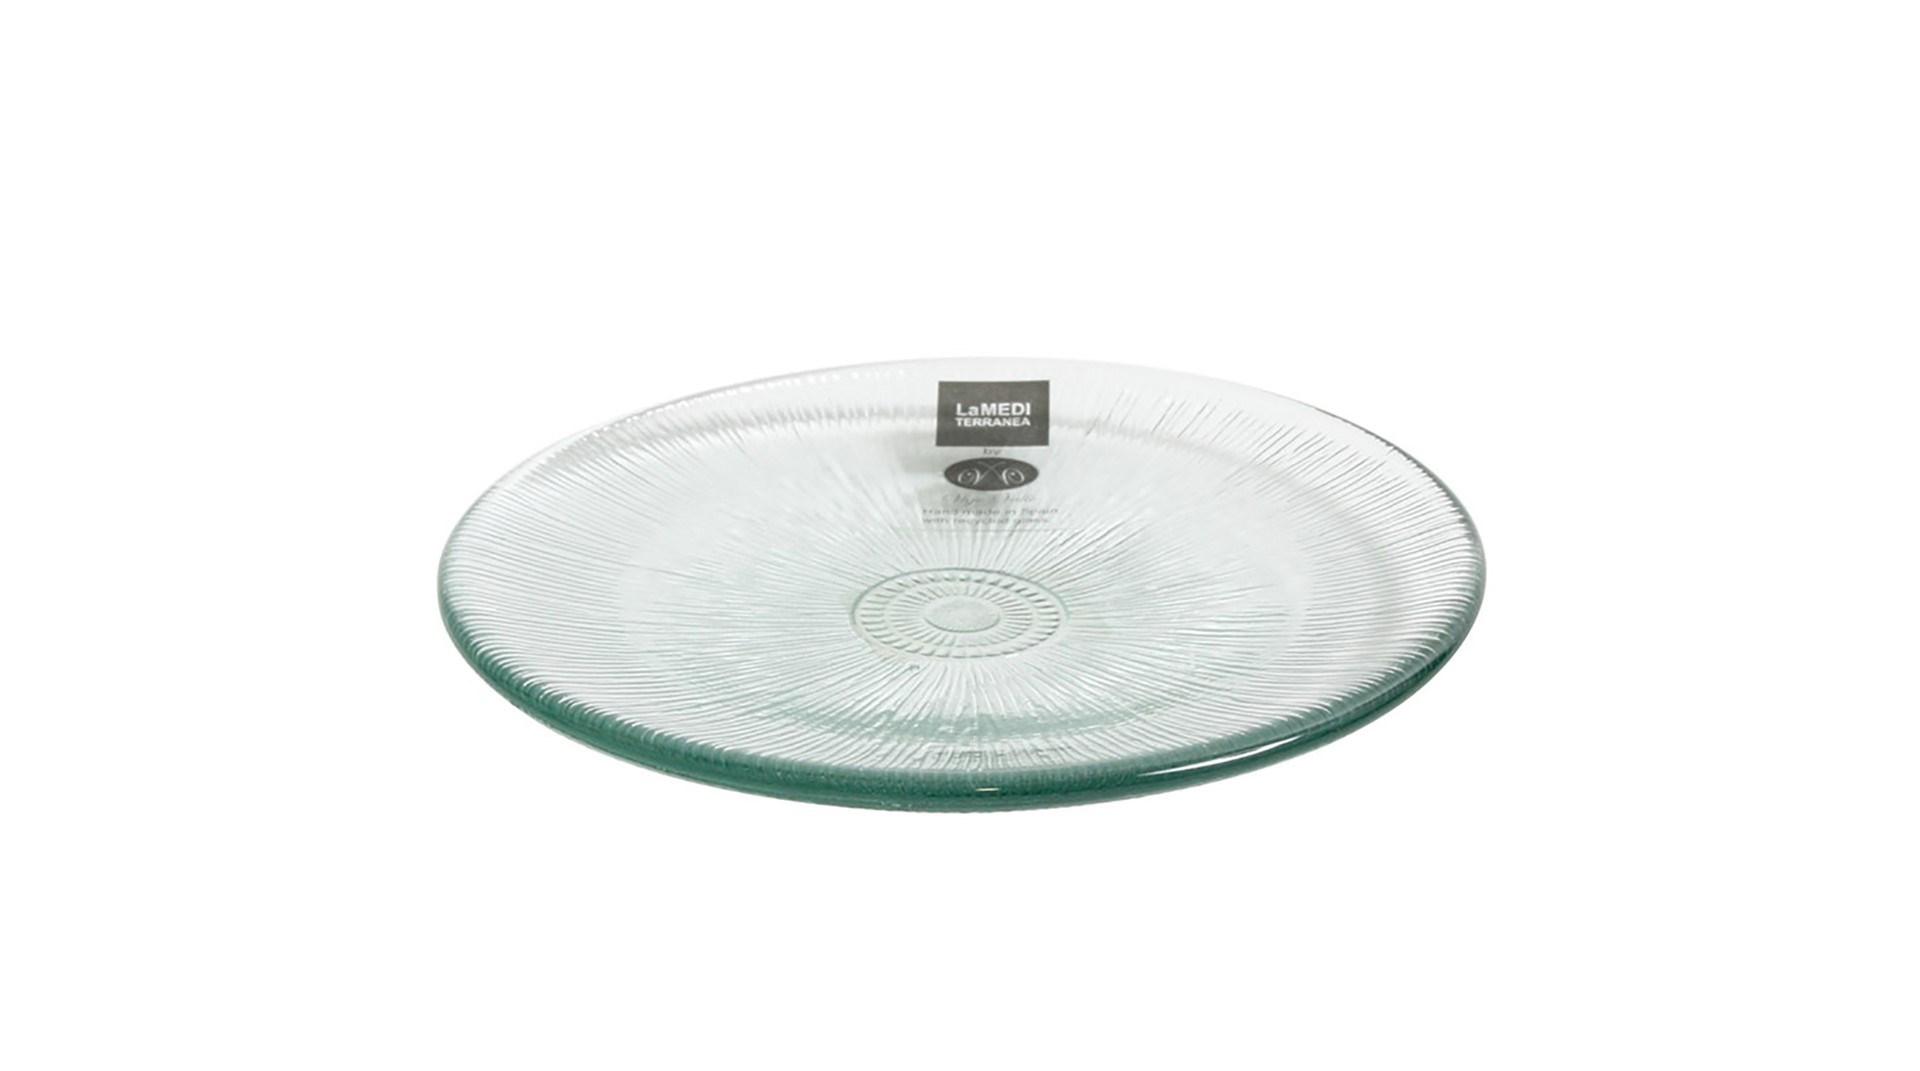 Productafbeelding Glazen bord met reliëf 13 cm